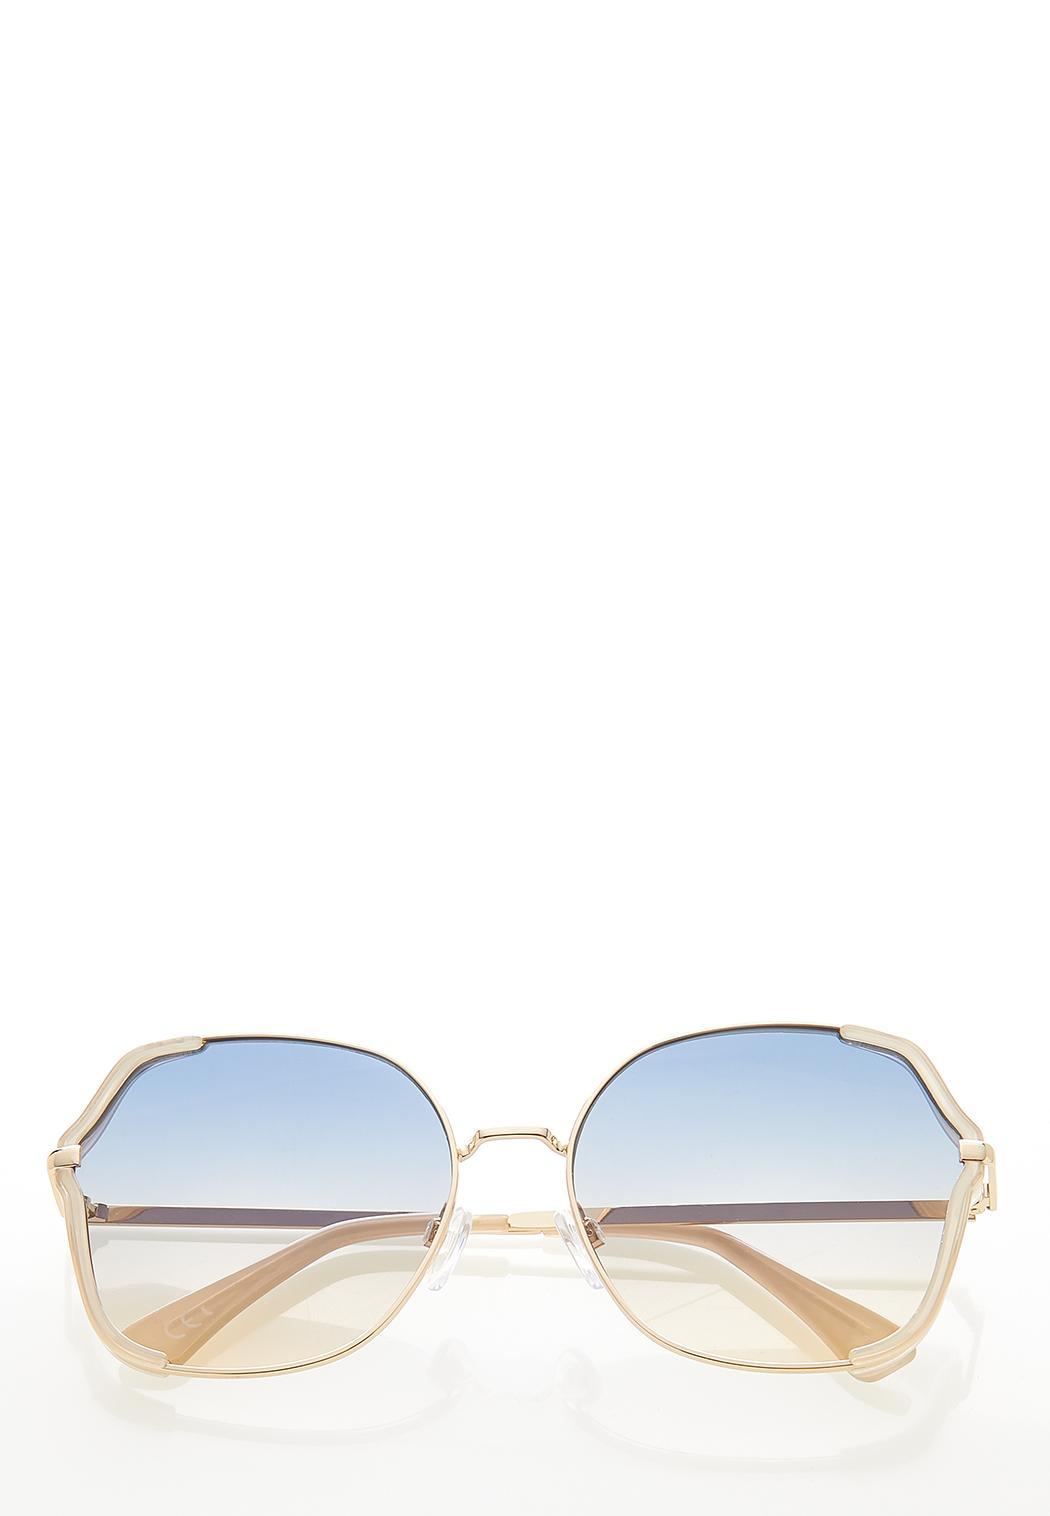 Blue Trim Sunglasses